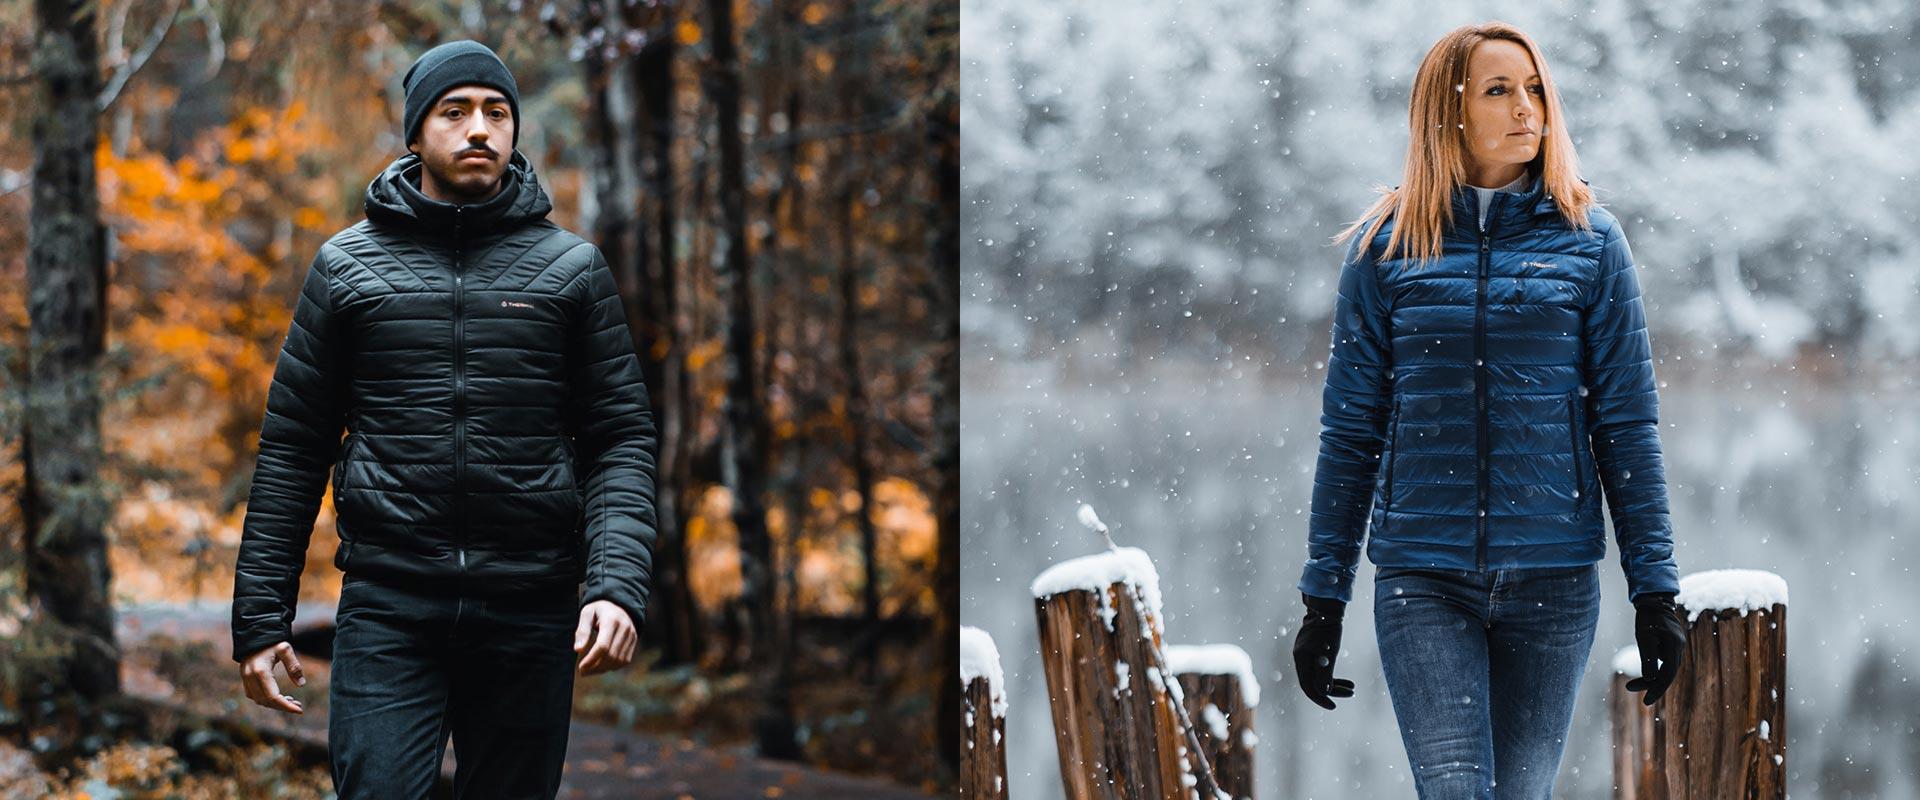 La veste chauffante Therm-ic, style et fonctionnalité